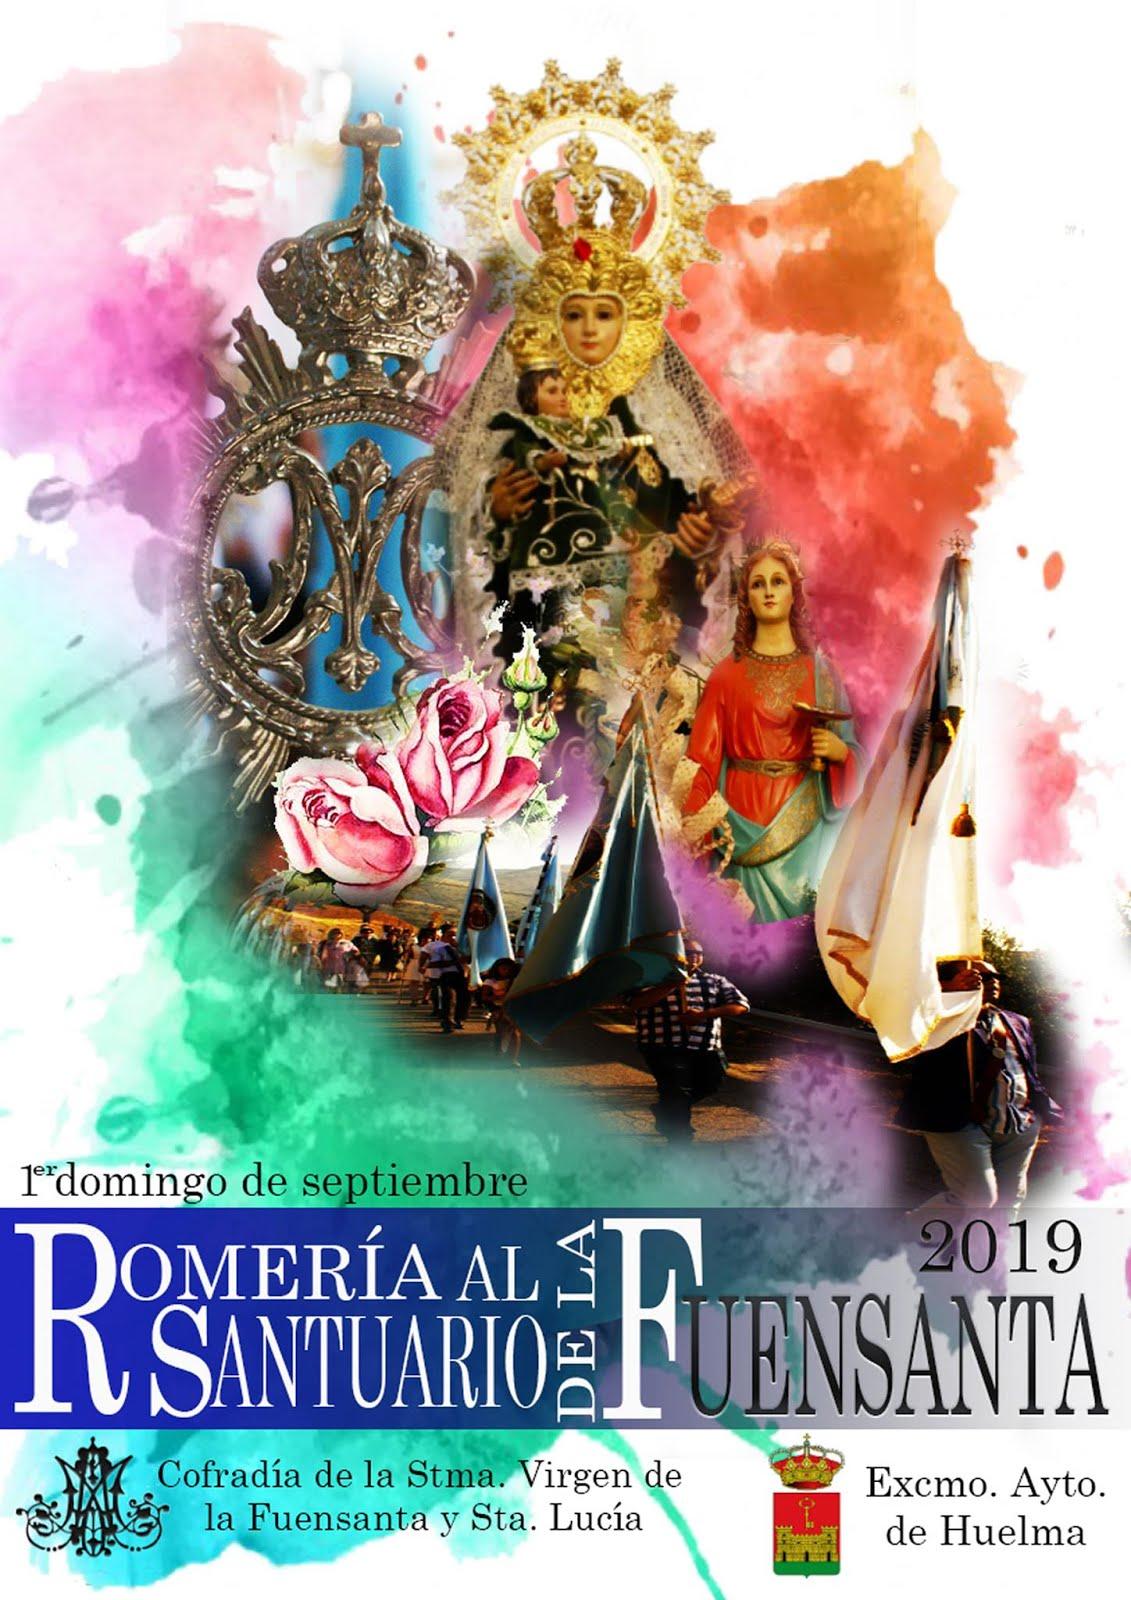 ROMERÍA AL SANTUARIO DE LA FUENSANTA. 1º DOMINGO DE SEPTIEMBRE 2019